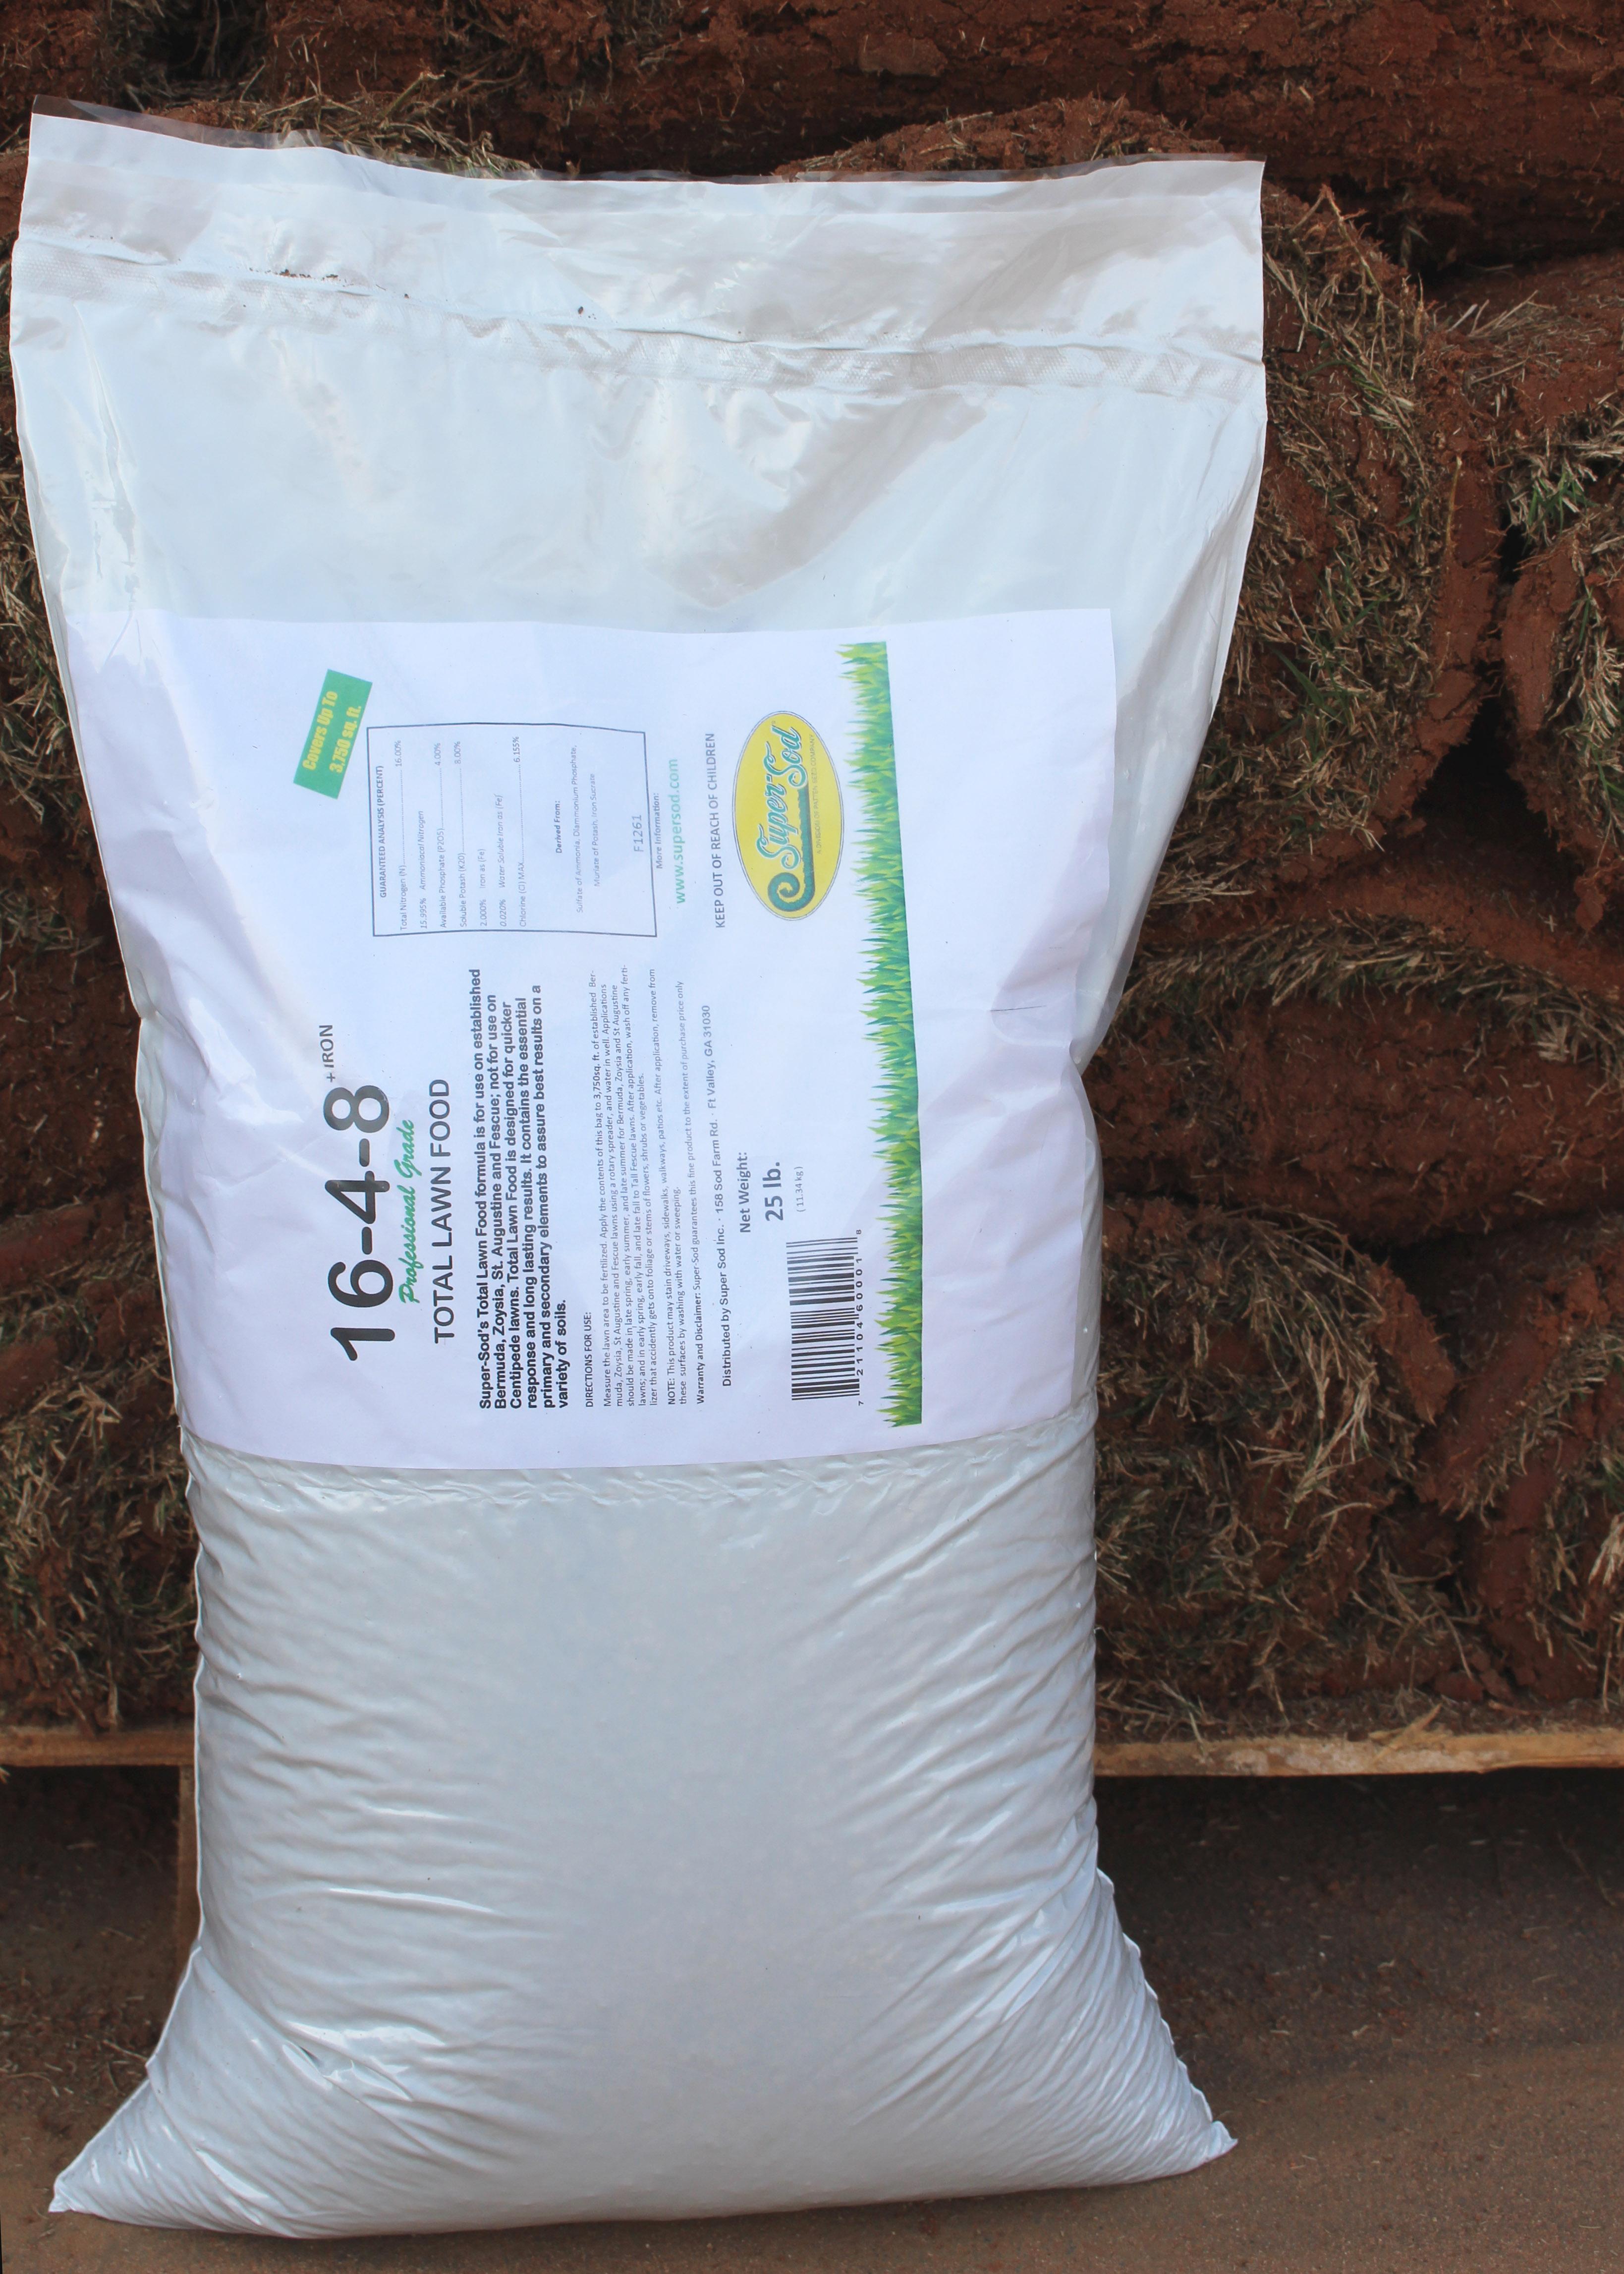 16-4-8 fertilizer bag by Allison Fortner